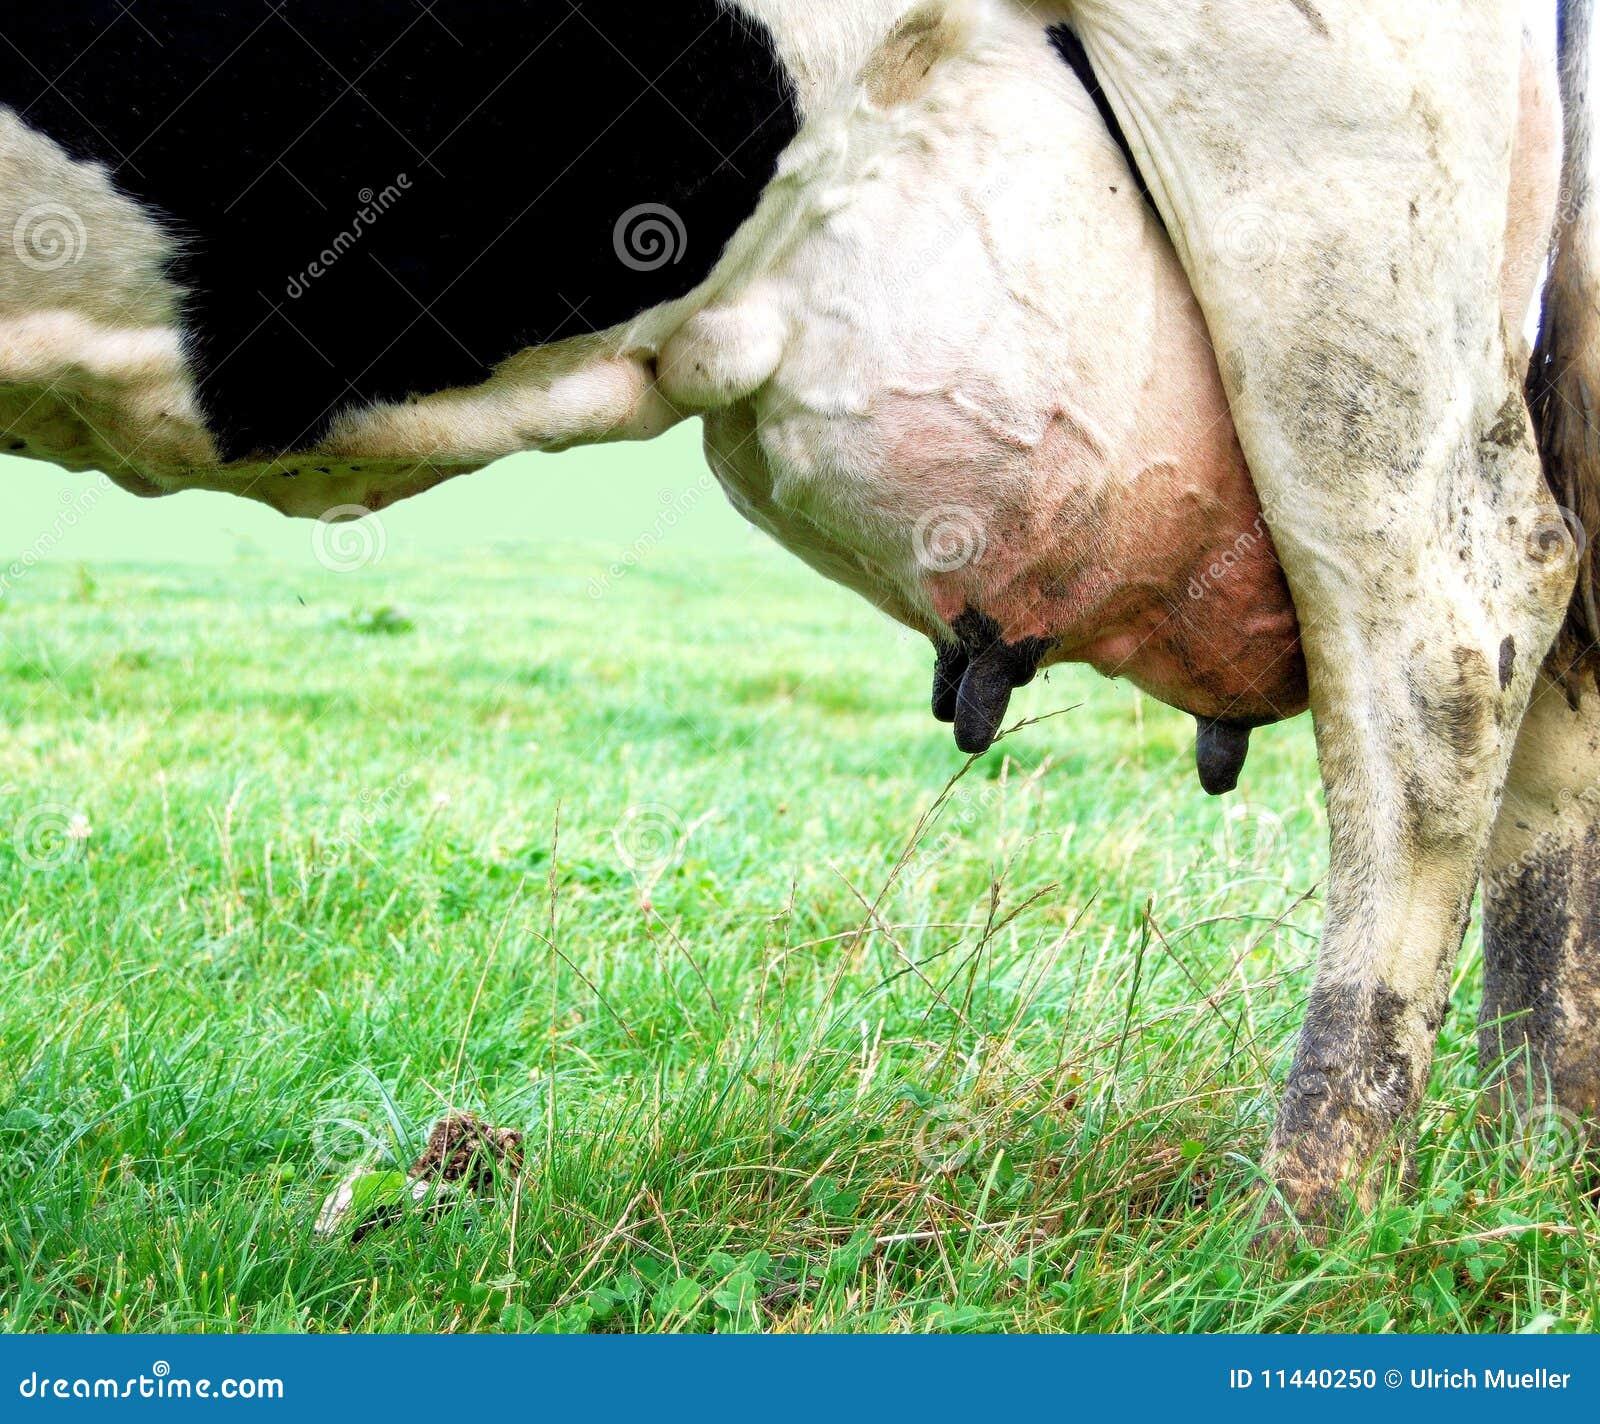 Udder Of Cow Stock Image   CartoonDealer.com #25652197